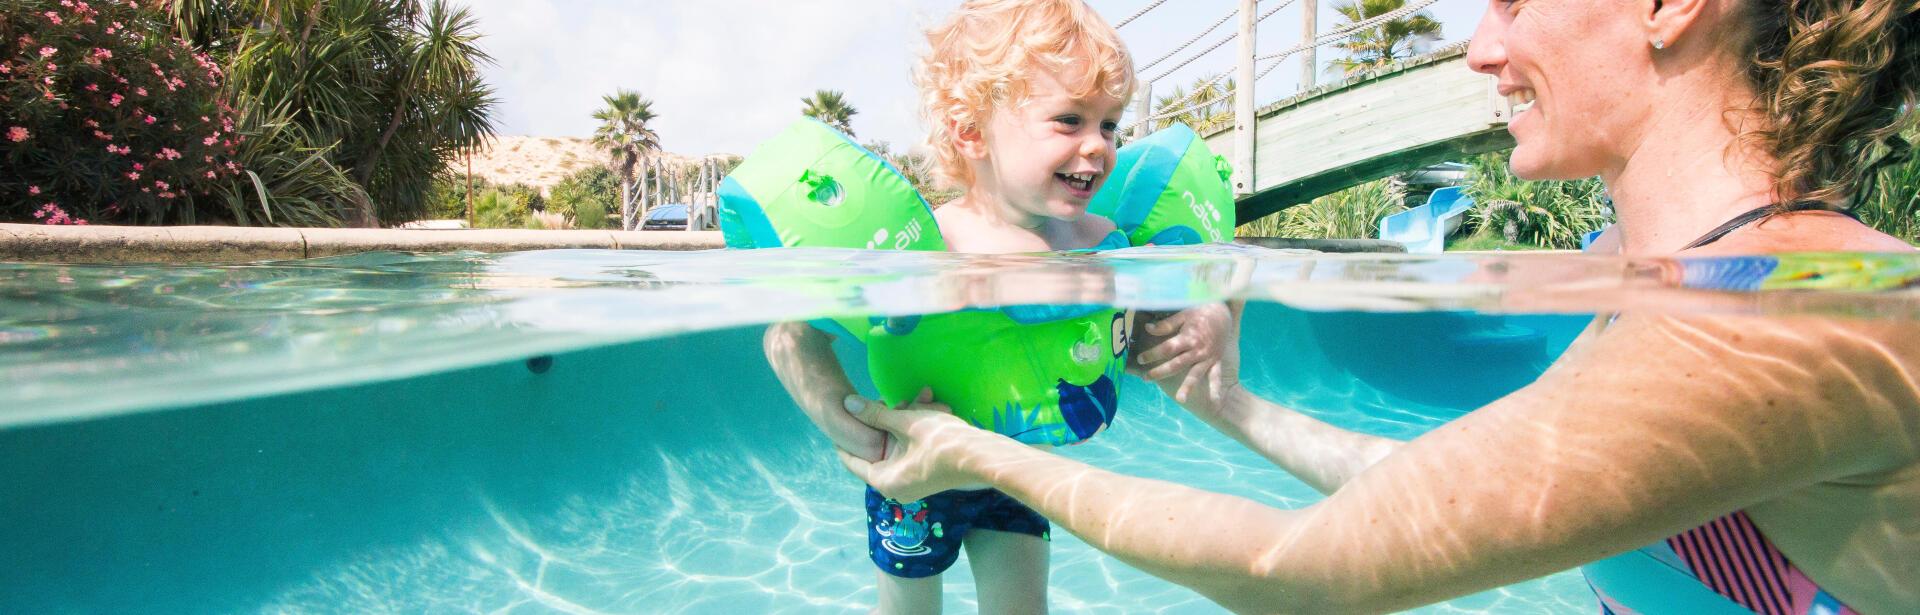 natation : éveil aquatique